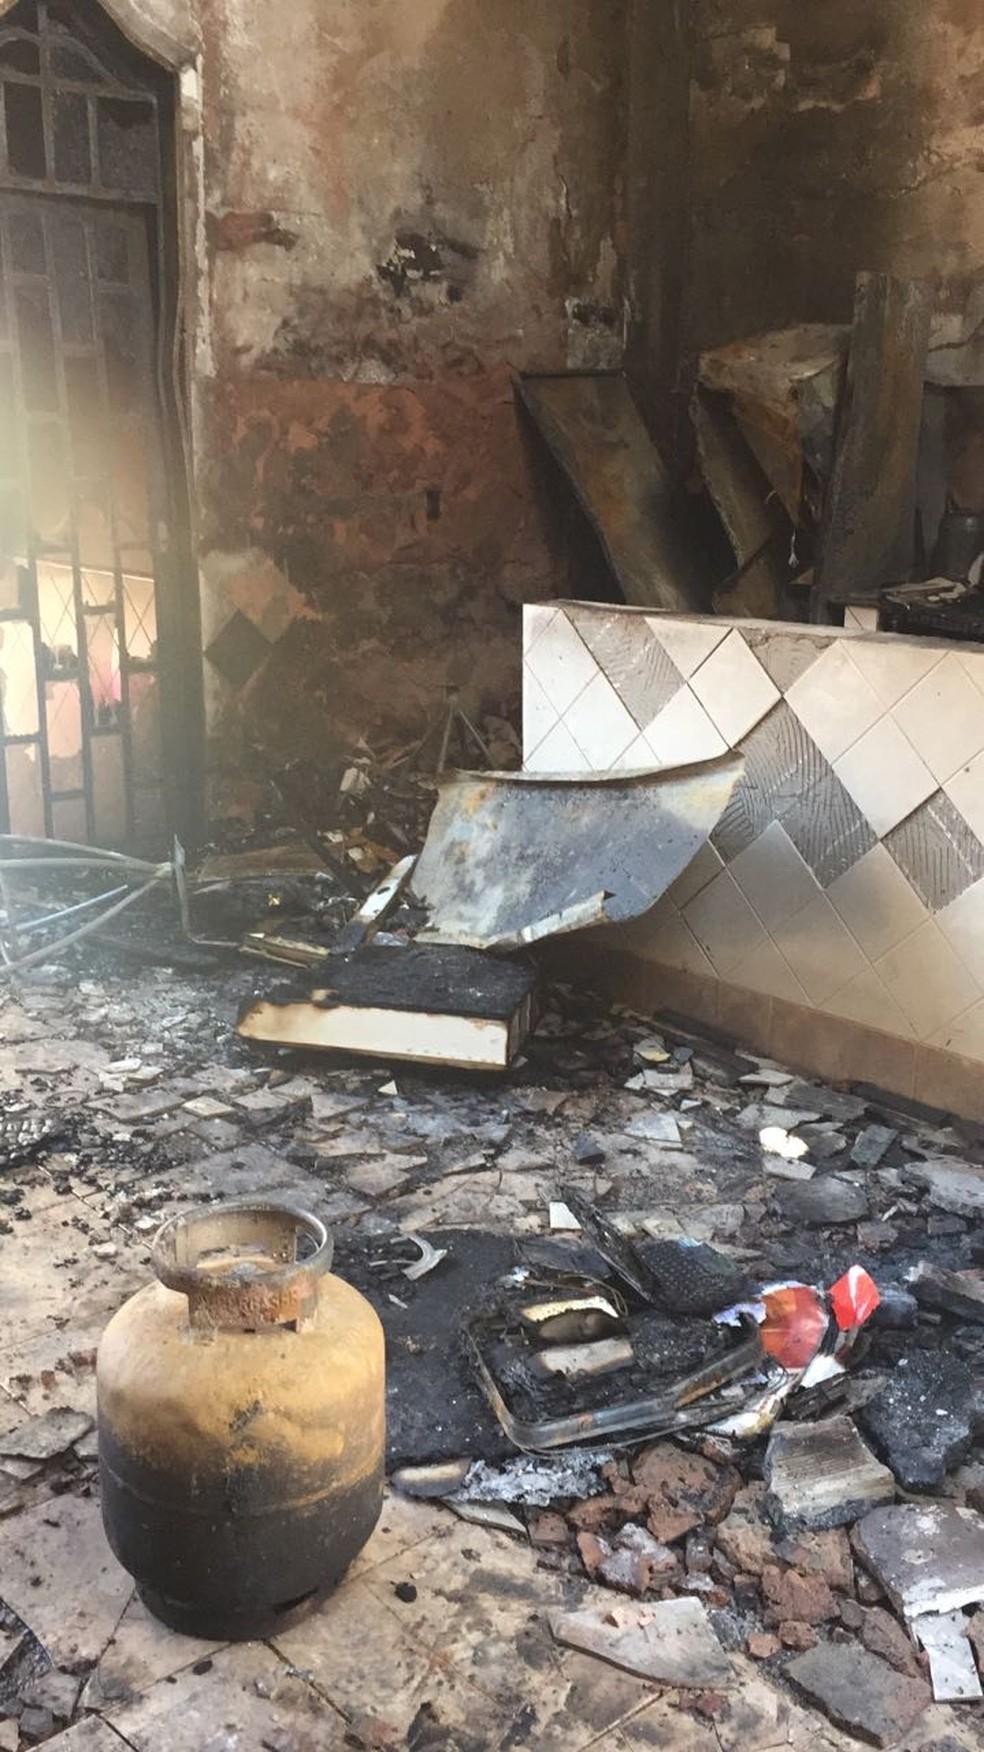 Área destruída por incêndio em casa no DF (Foto: Luísa Doyle/TV Globo)